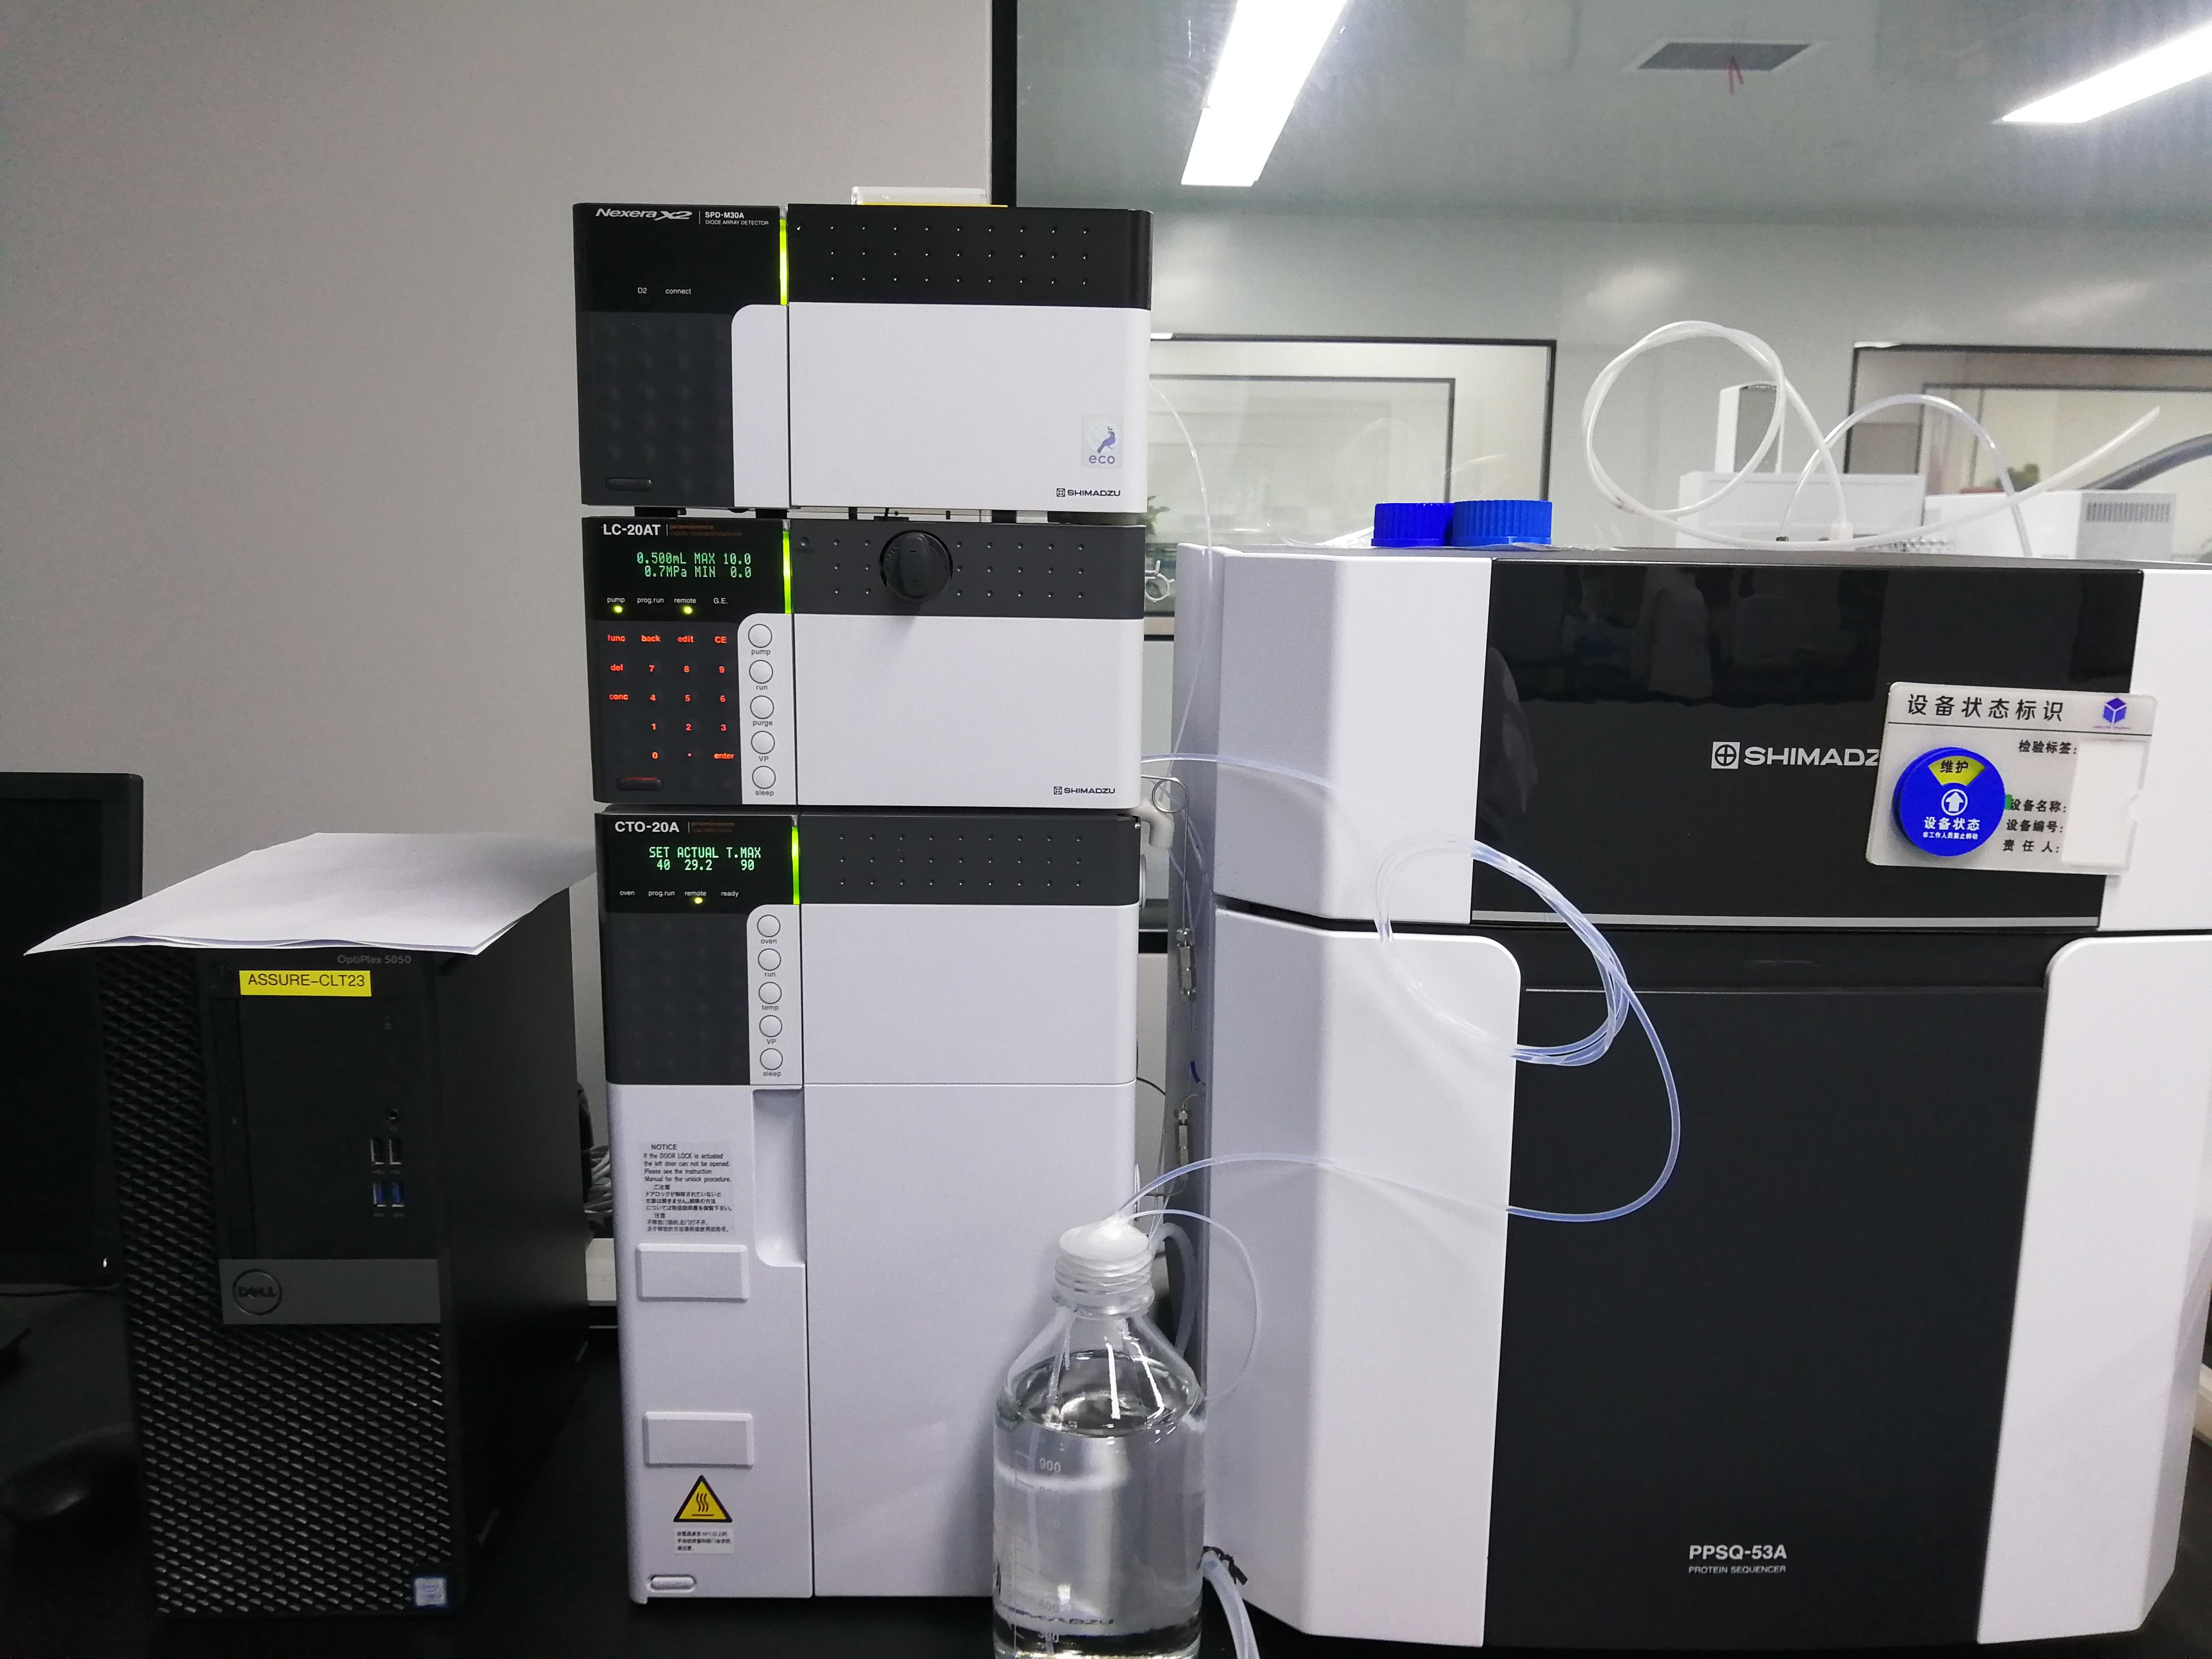 多肽的 N 末端序列分析 —— 技术服务